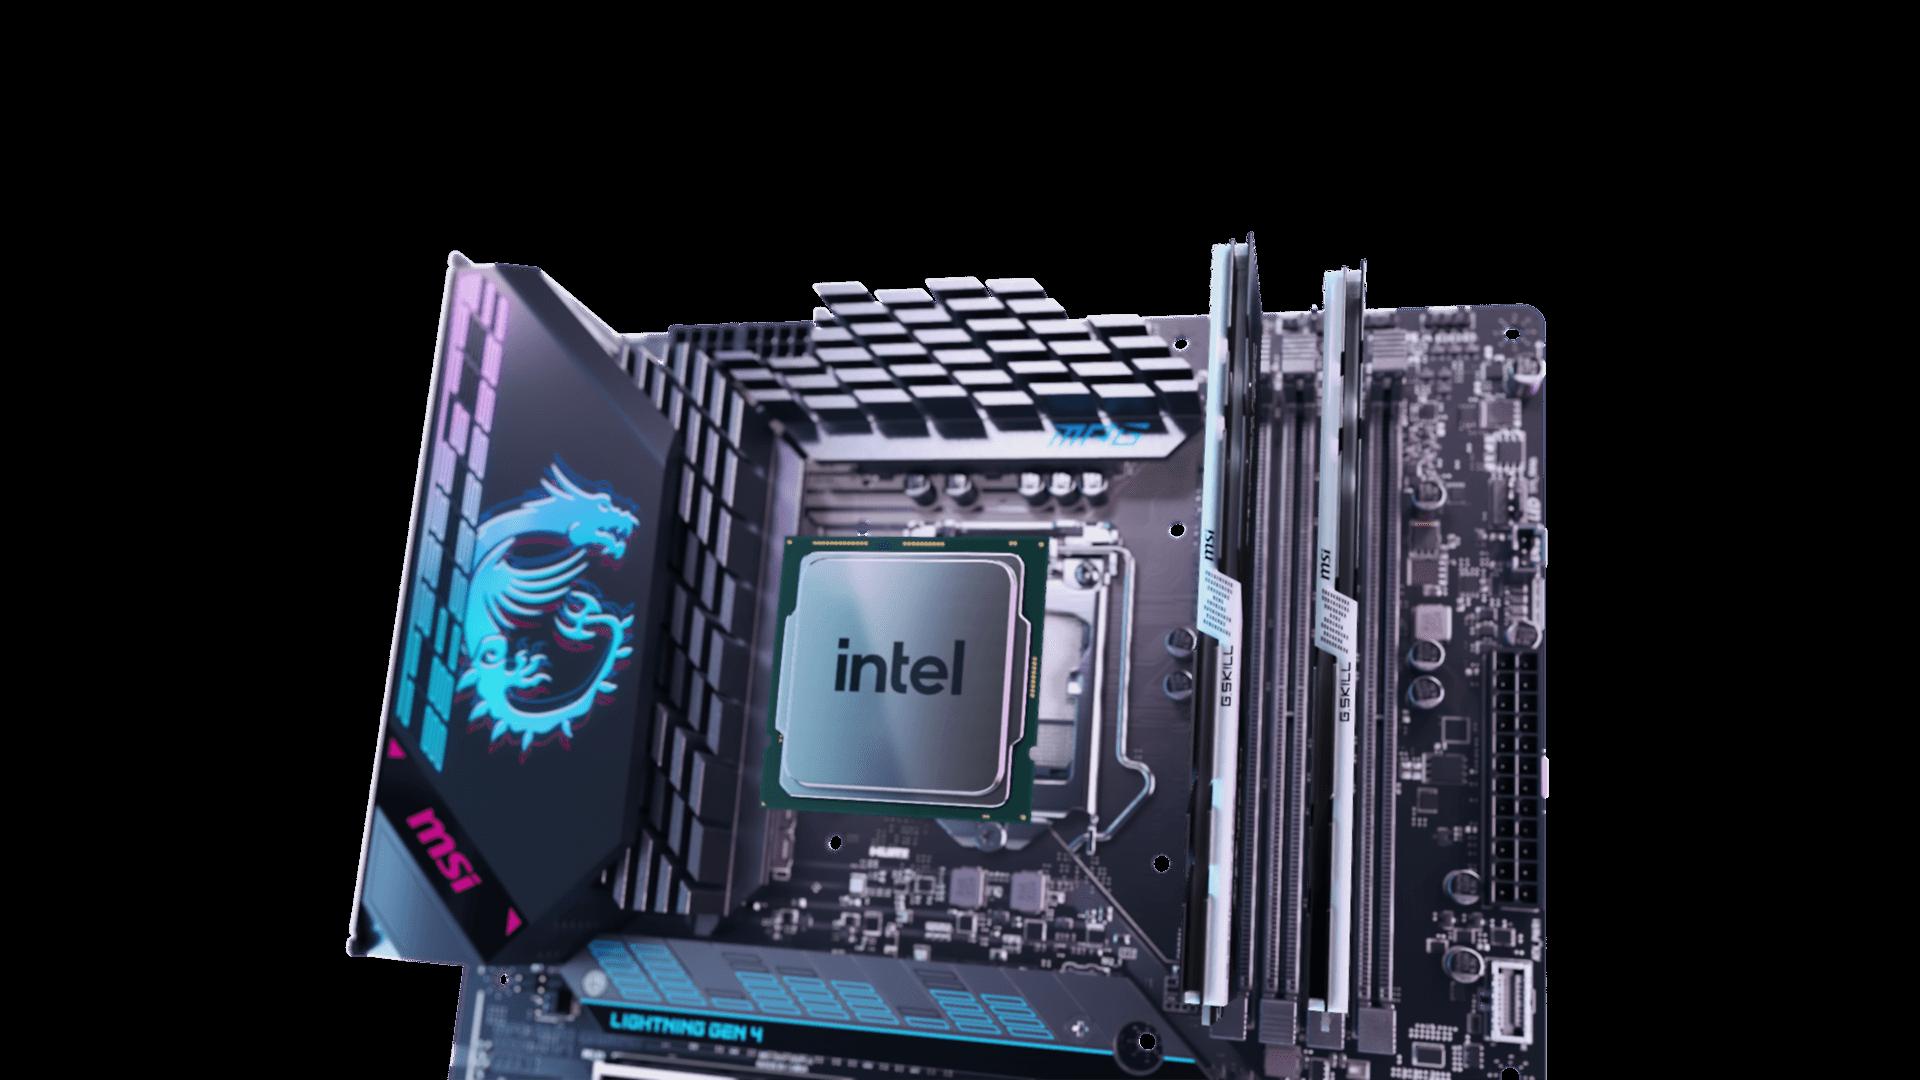 MSI MPG MAVERIK CPU & MEMORY IMG